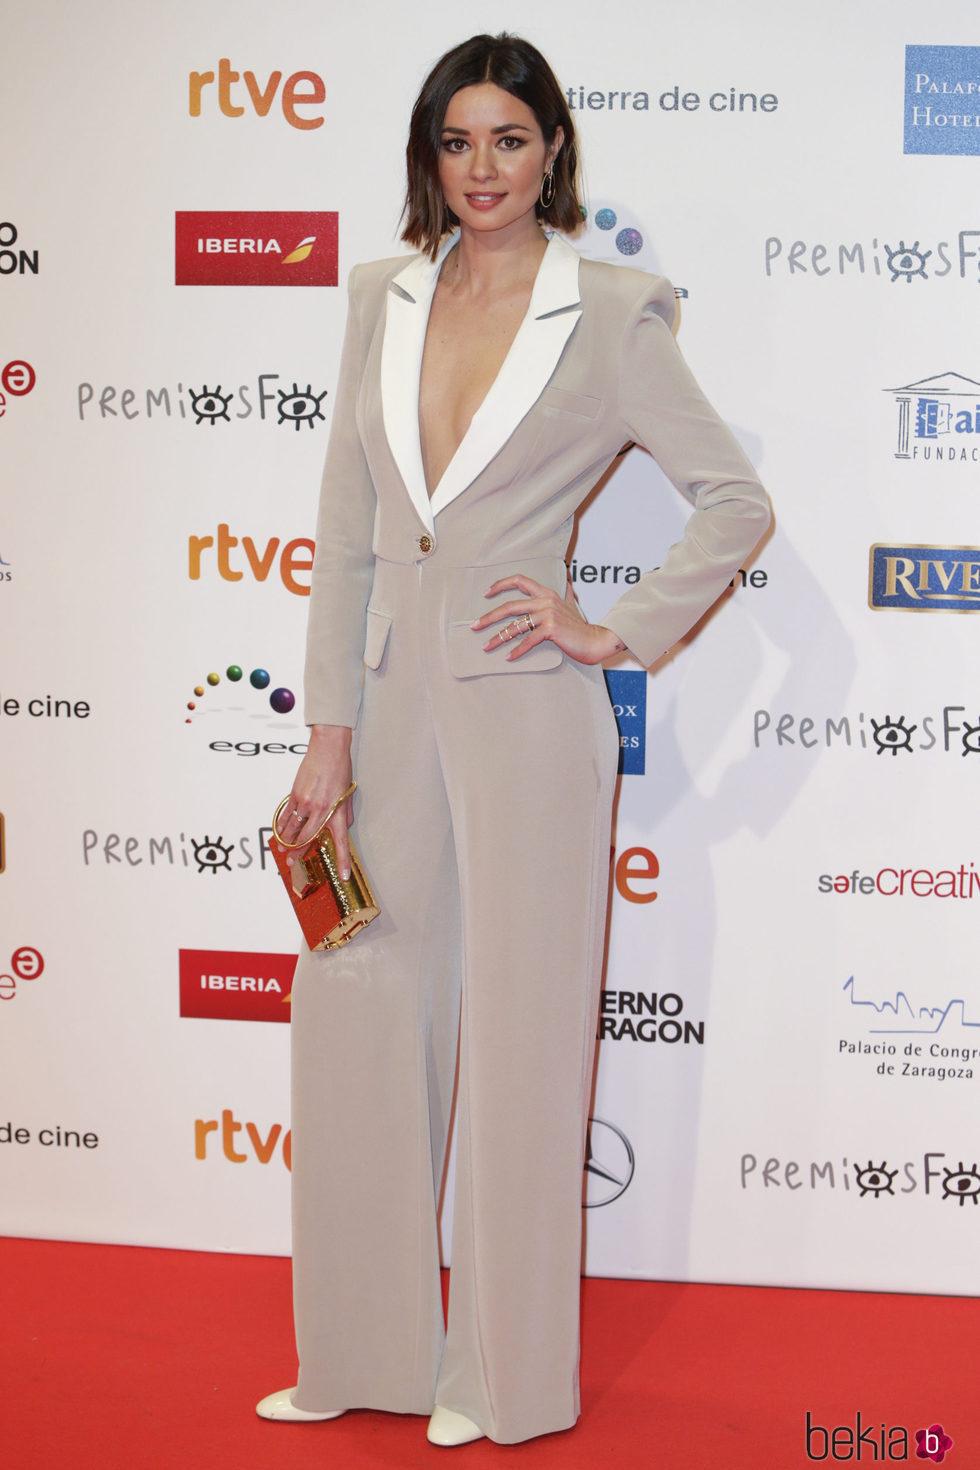 Dafne Fernández en la alfombra roja de los Premios Forqué 2018